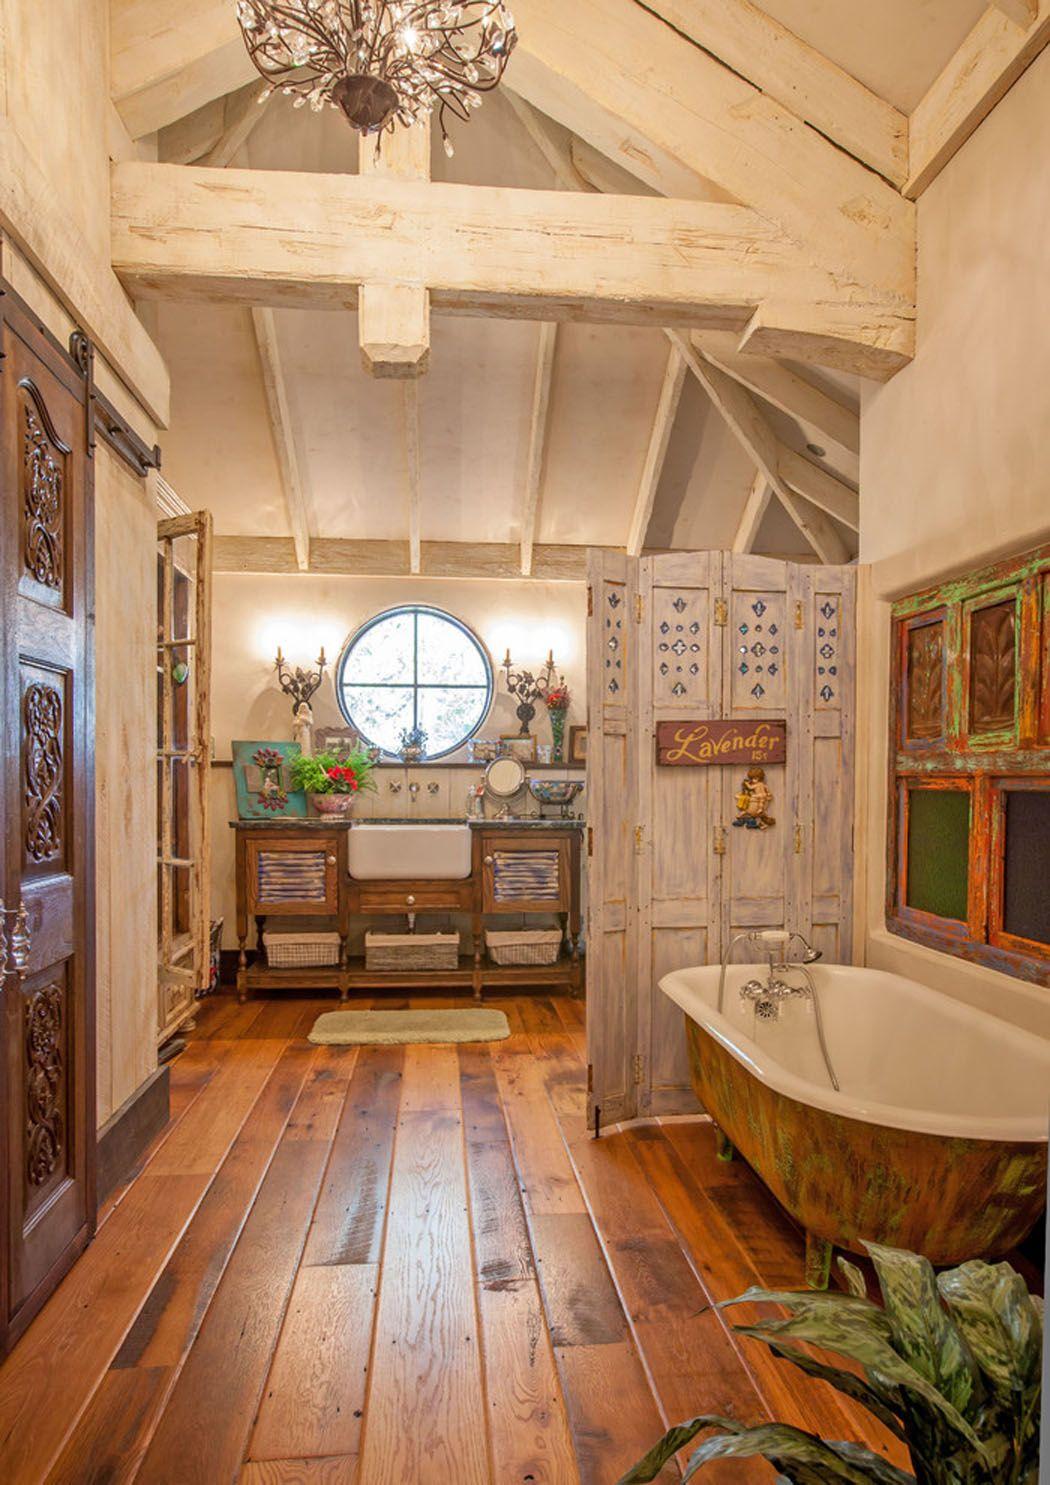 Maison rustique l int rieur en bois et ambiance bien for Deco salle de bain rustique